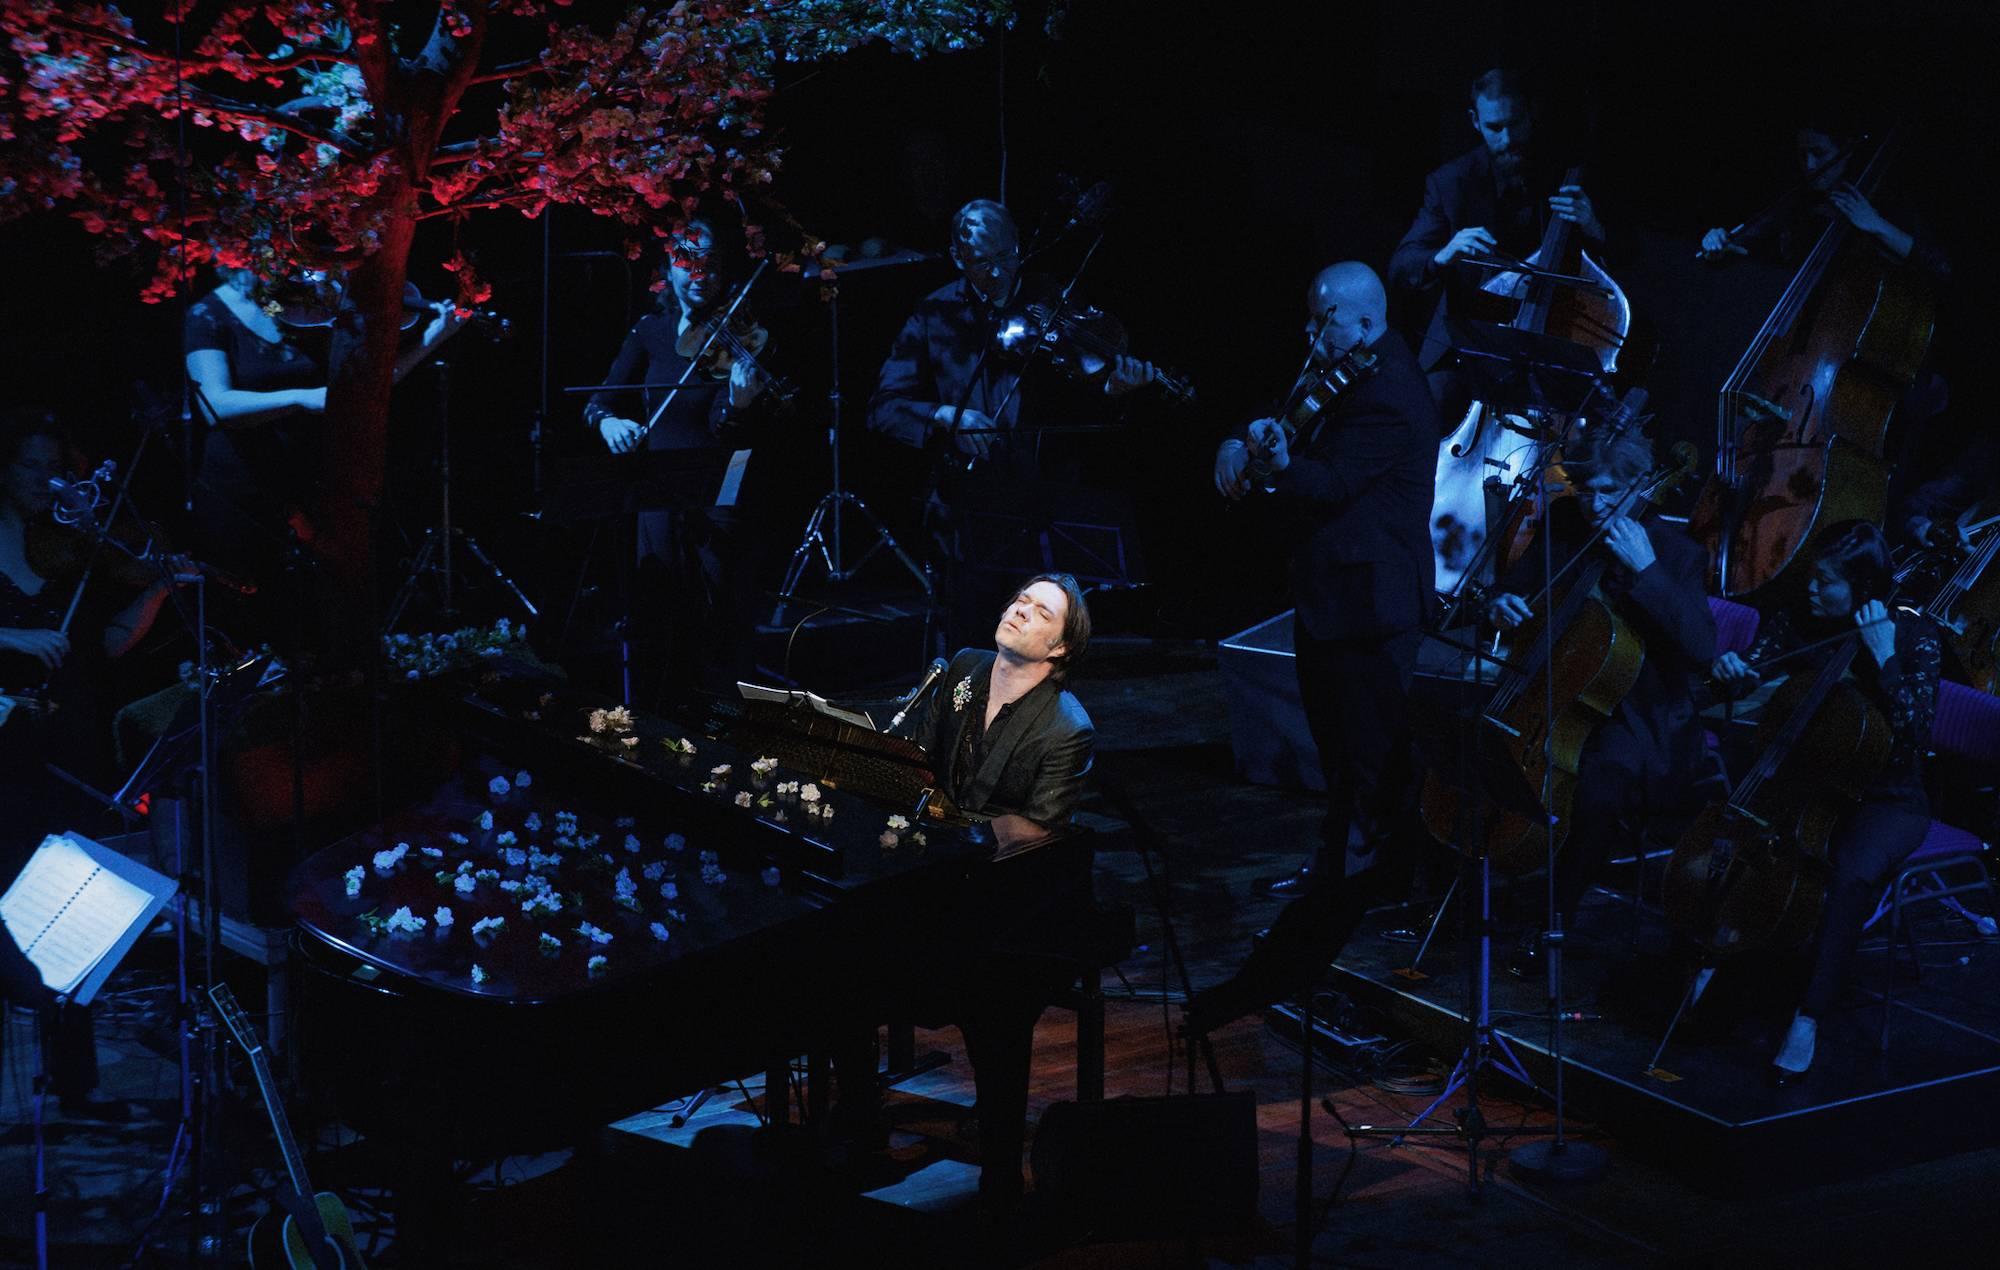 Rufus Wainwright announces new live album with Amsterdam Sinfonietta